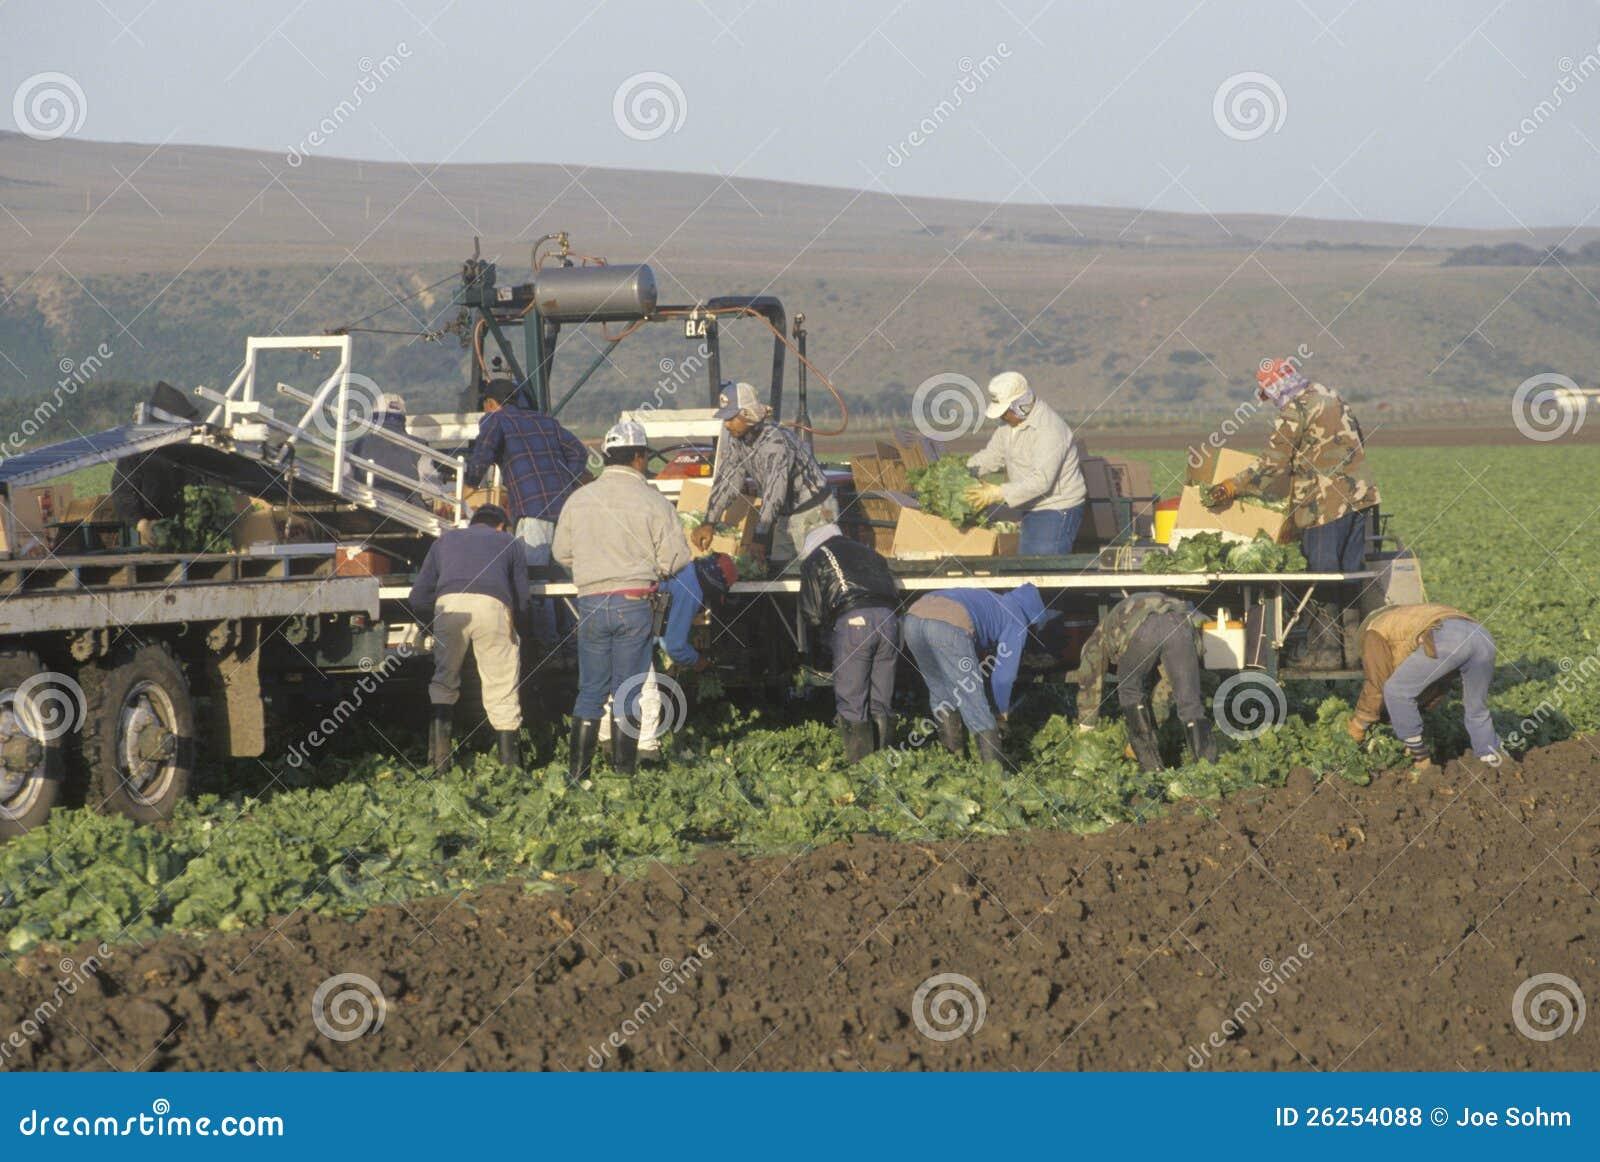 Cosechas de la cosecha de los trabajadores emigrantes